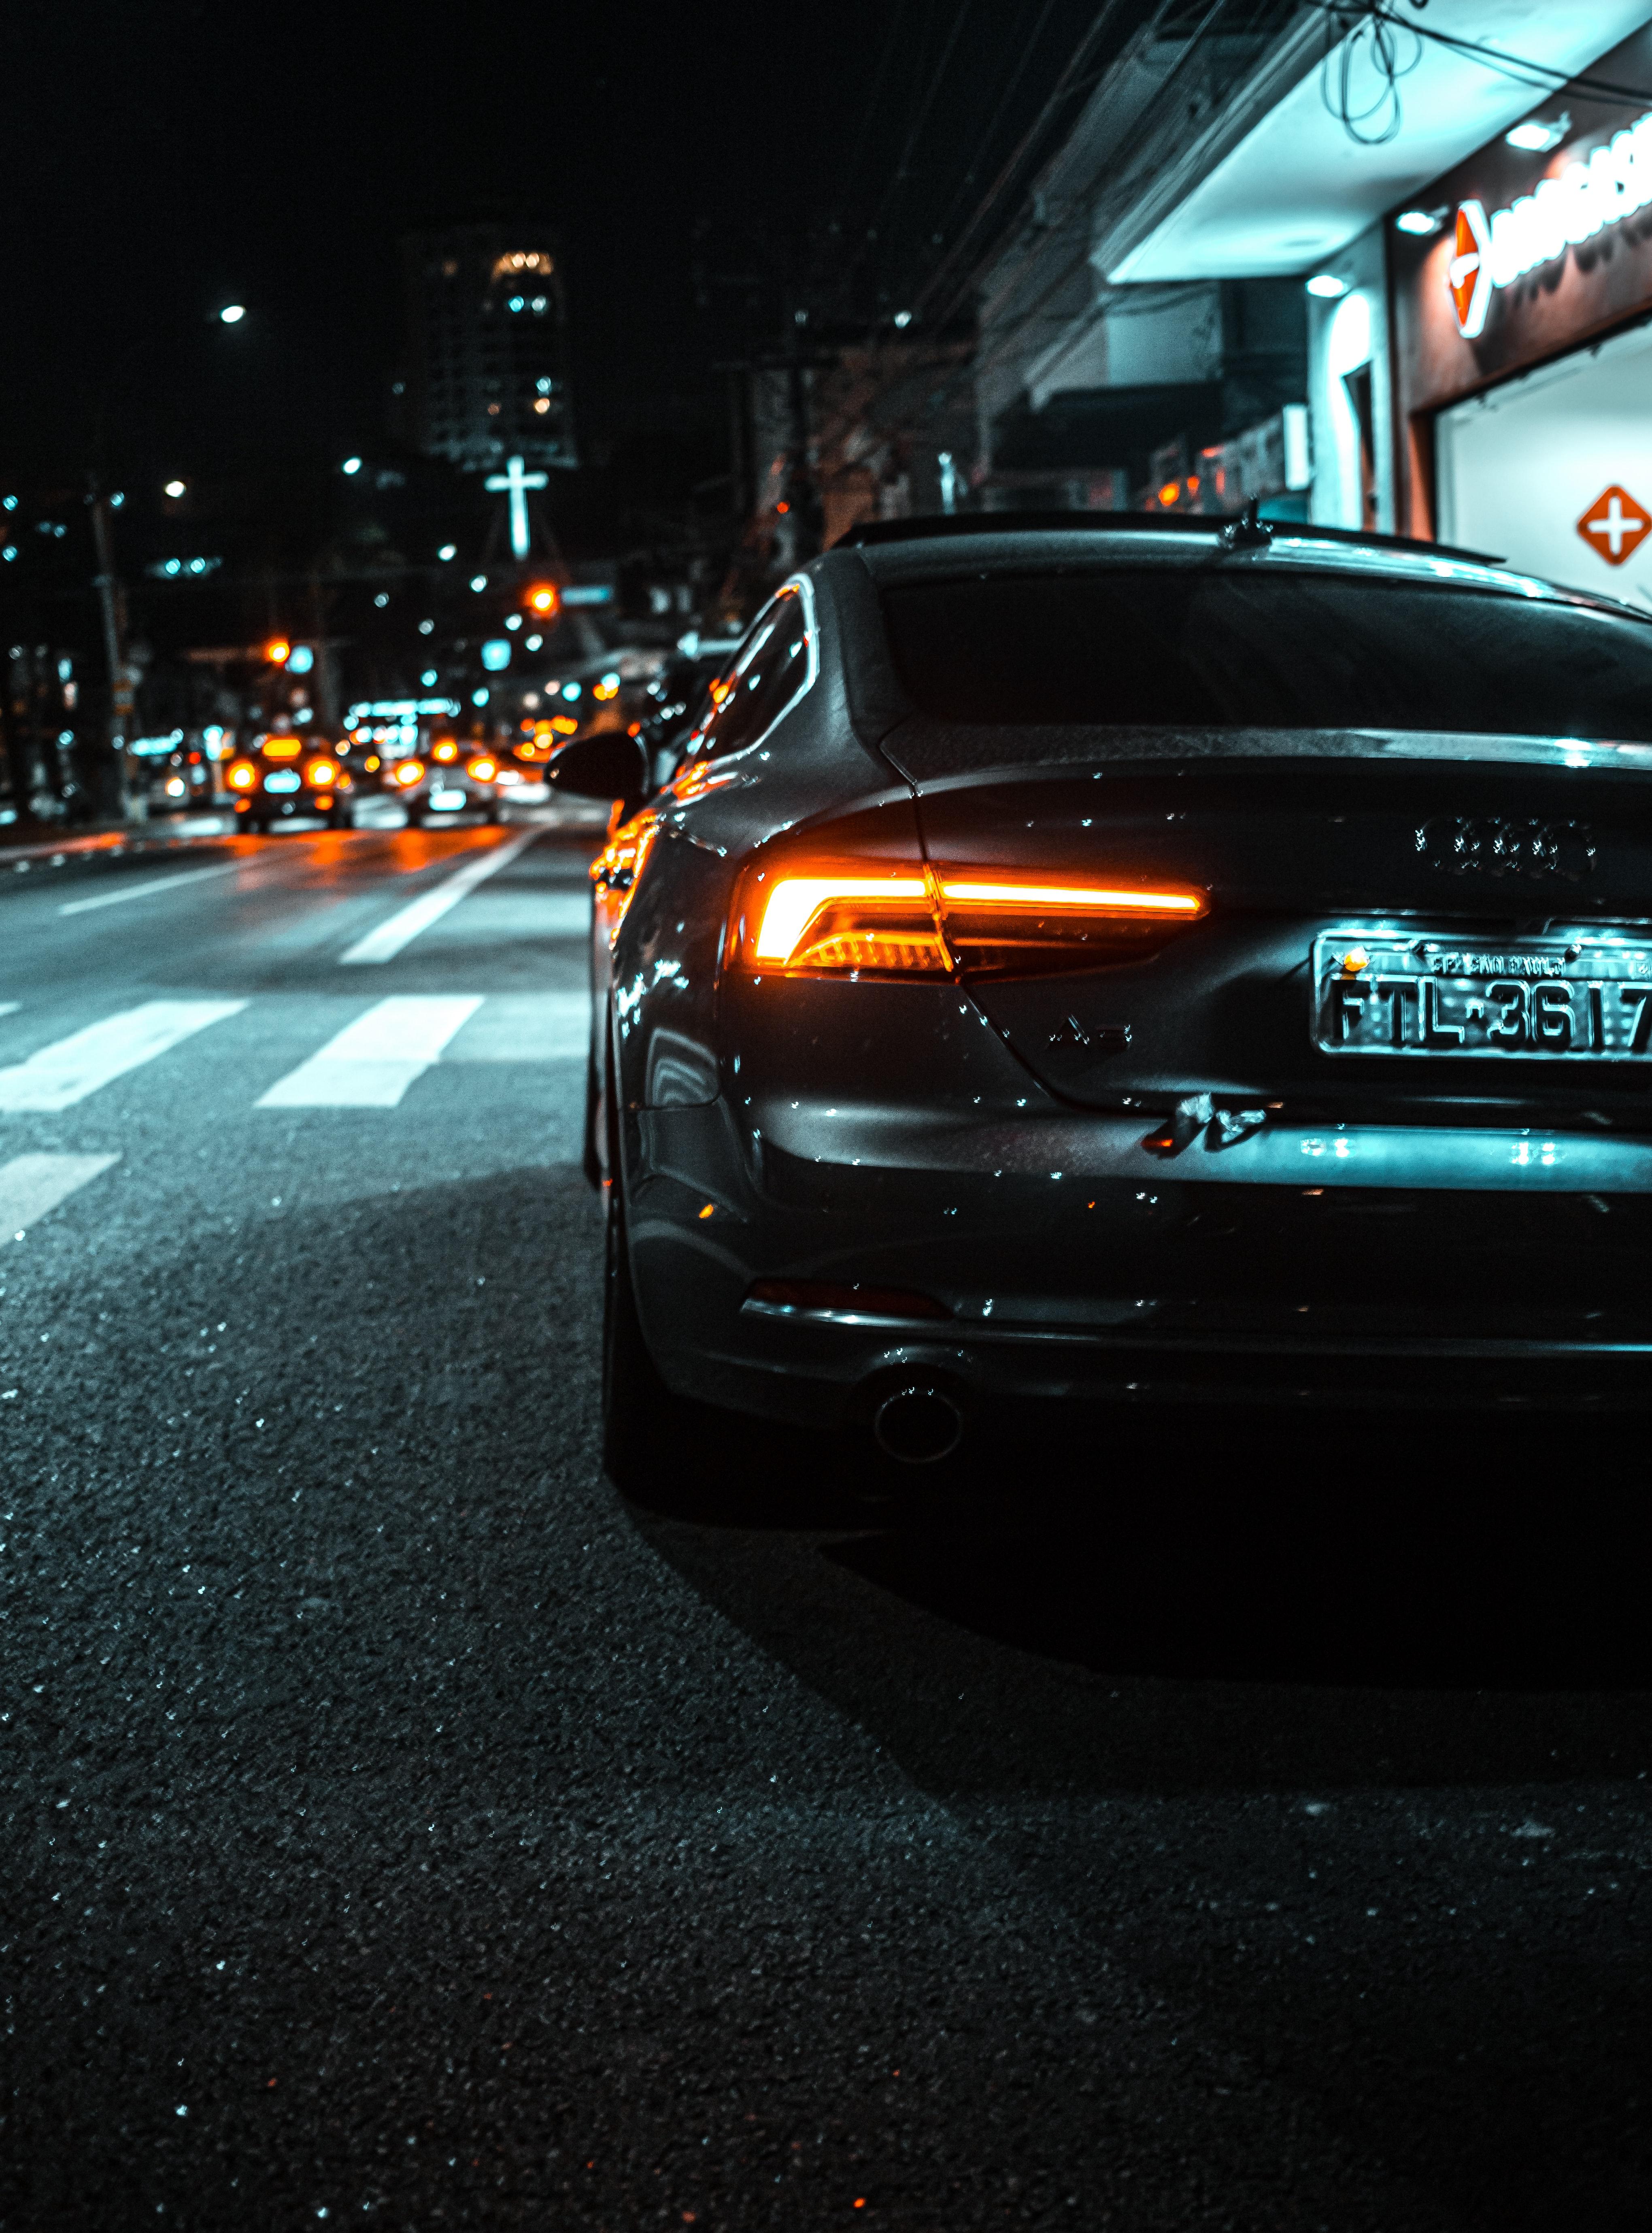 119722 скачать обои Ауди (Audi), Автомобиль, Черный, Audi A5, Тачки (Cars), Дорога, Фонарь, Вид Сзади - заставки и картинки бесплатно